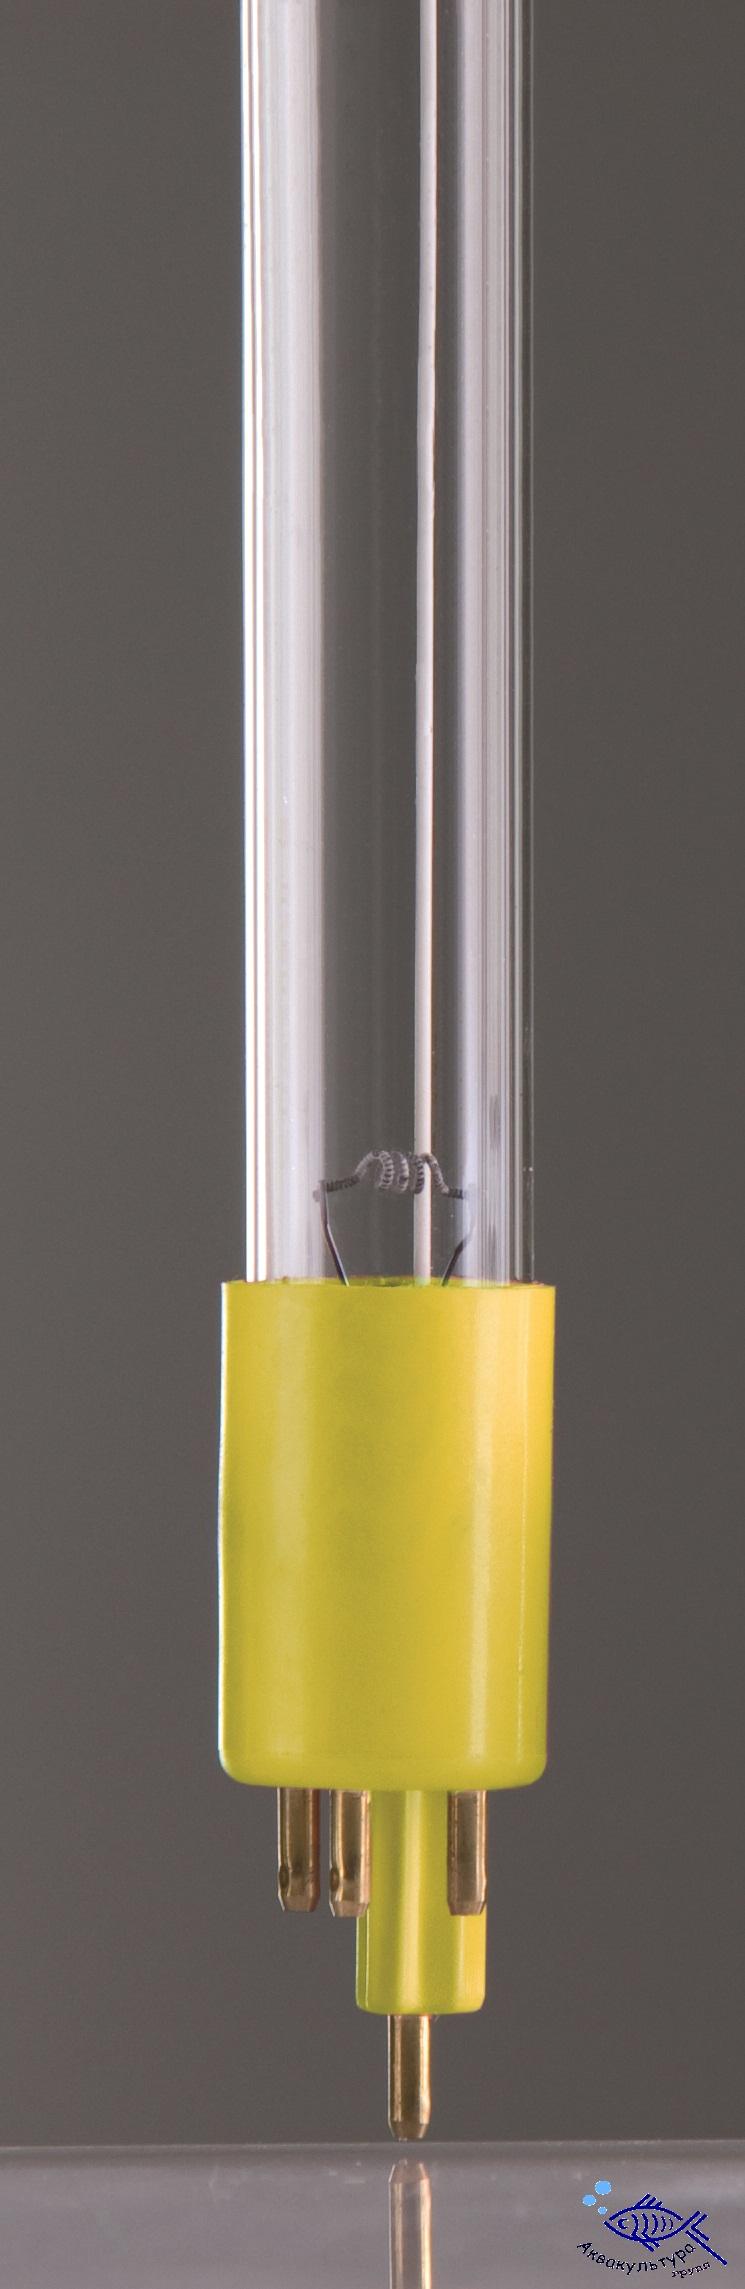 AOP COMPACT OZONE + УФ-стерилизатор низкого давления для солёной воды